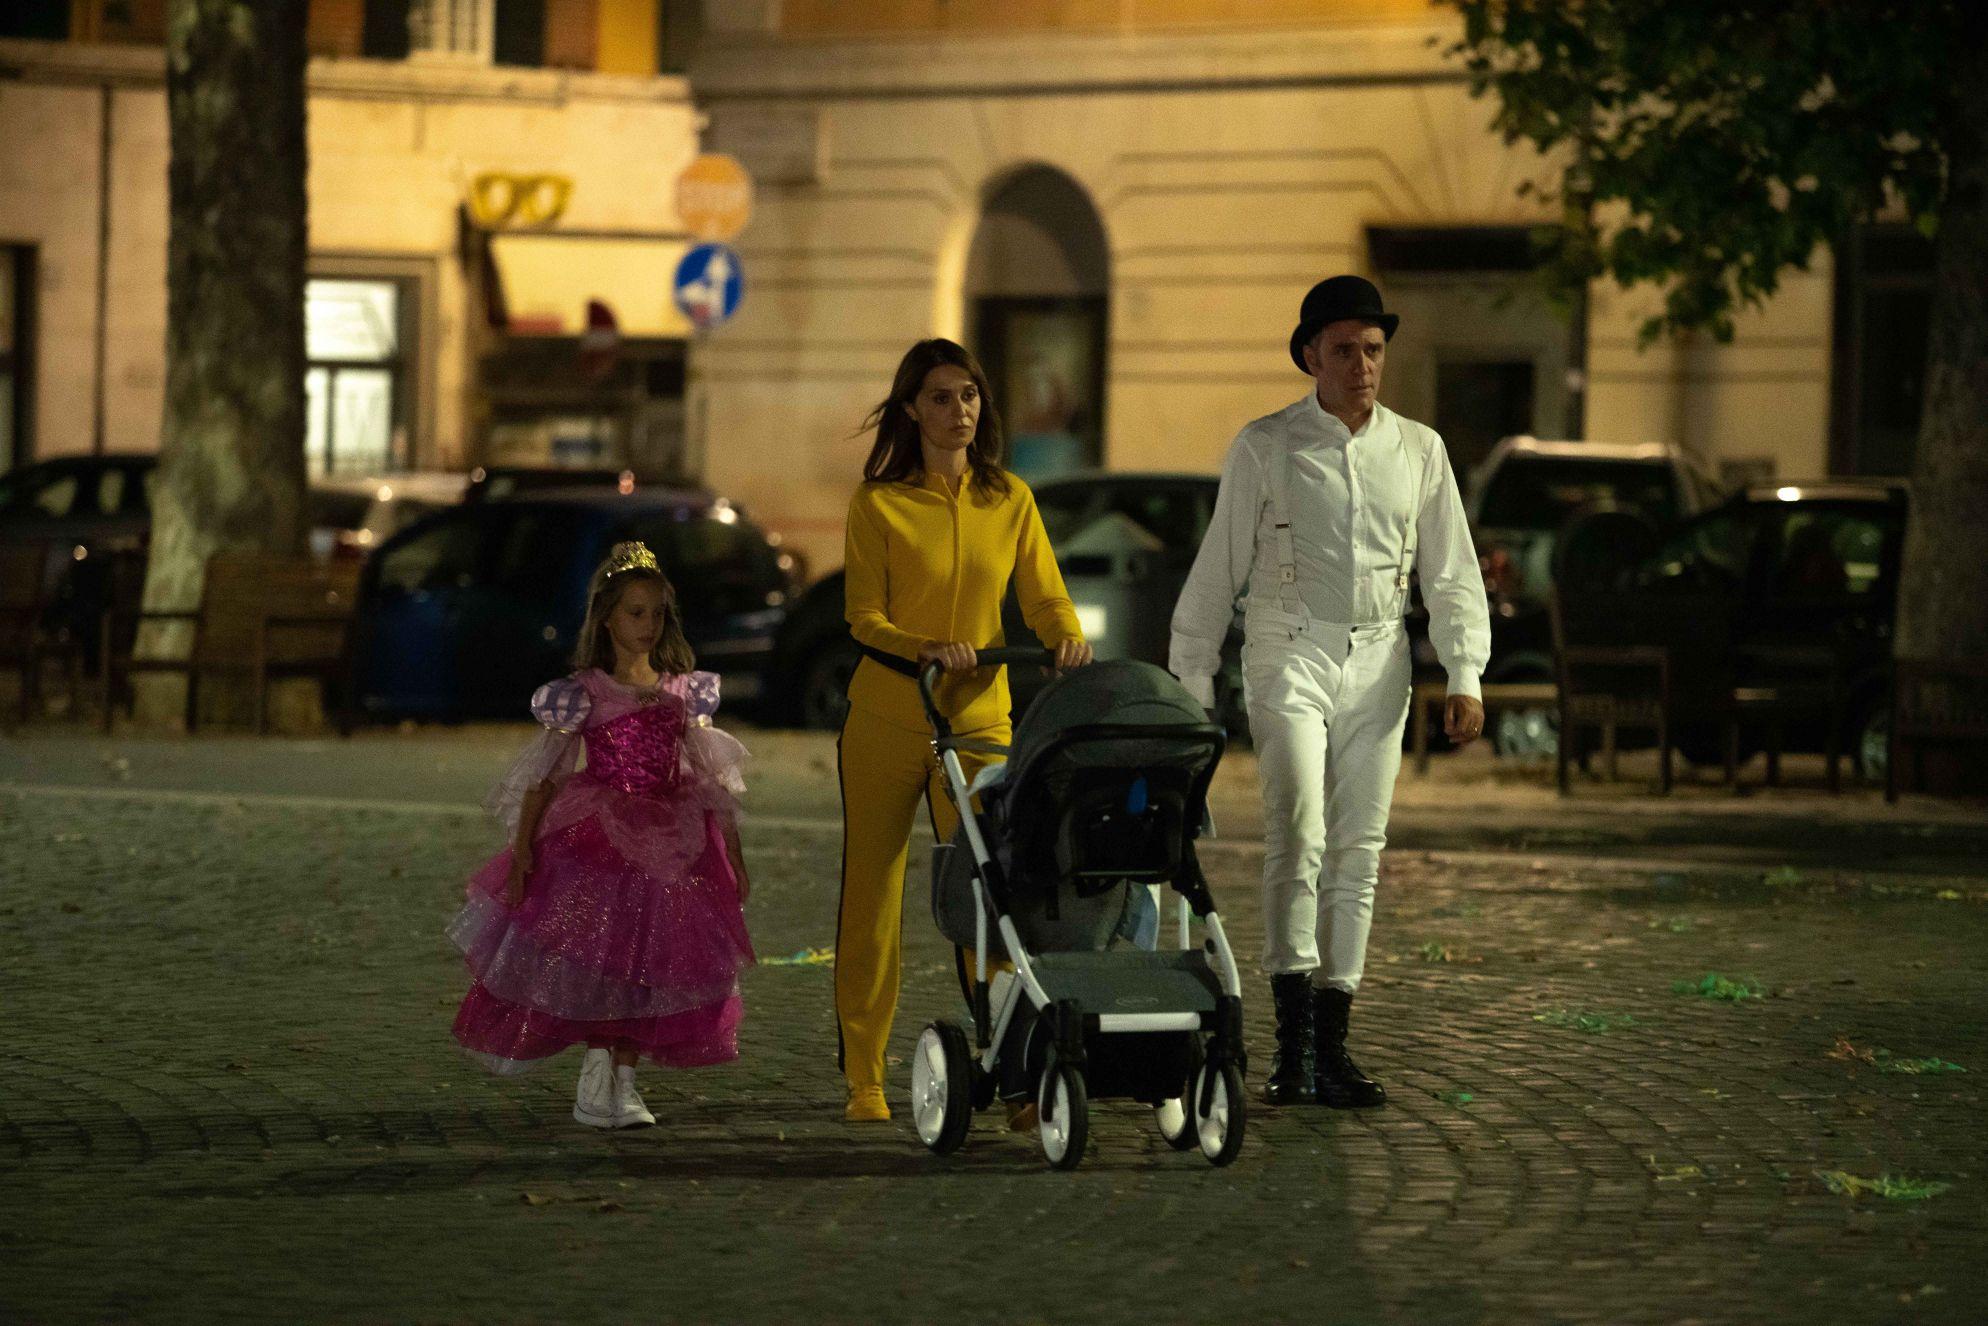 Figli: una scena del film con Paola Cortellesi e Valerio Mastandrea